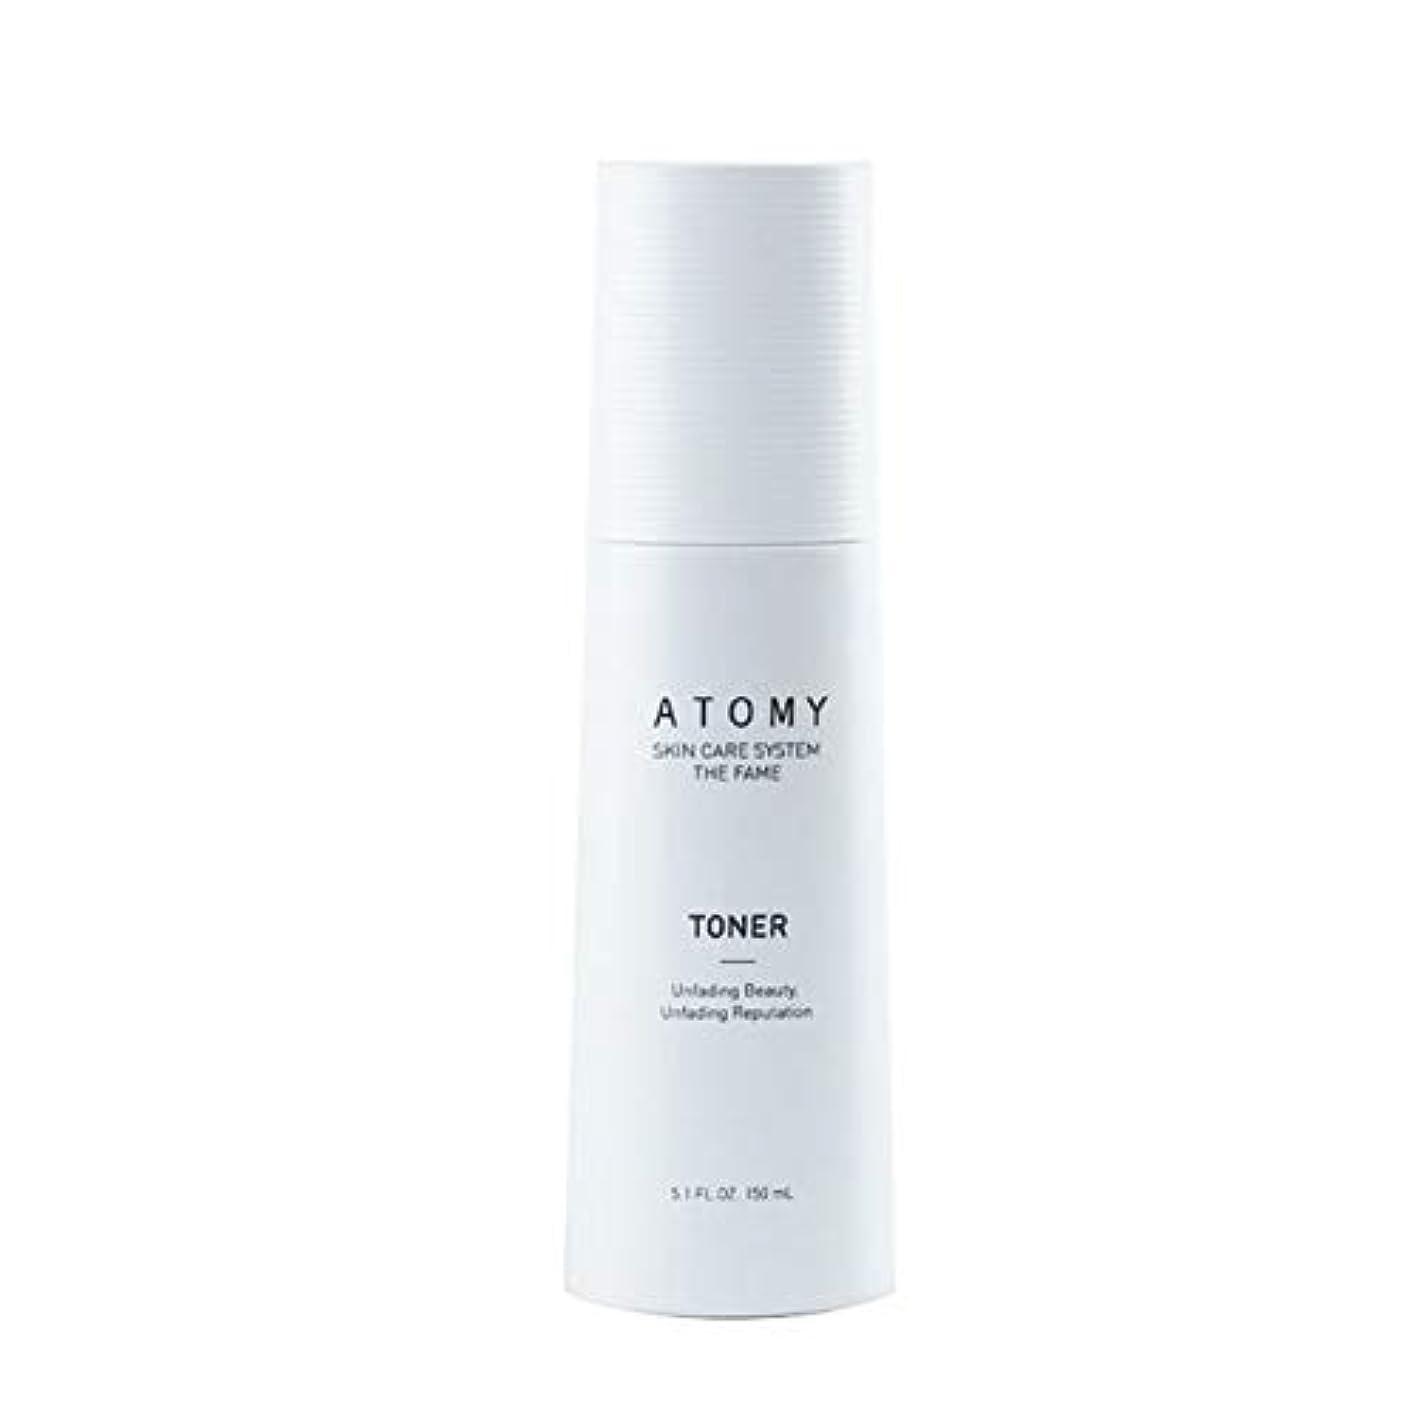 リズミカルなマイルドキュービックアトミザ?フェームトナー150ml韓国コスメ、Atomy The Fame Toner 150ml Korean Cosmetics [並行輸入品]